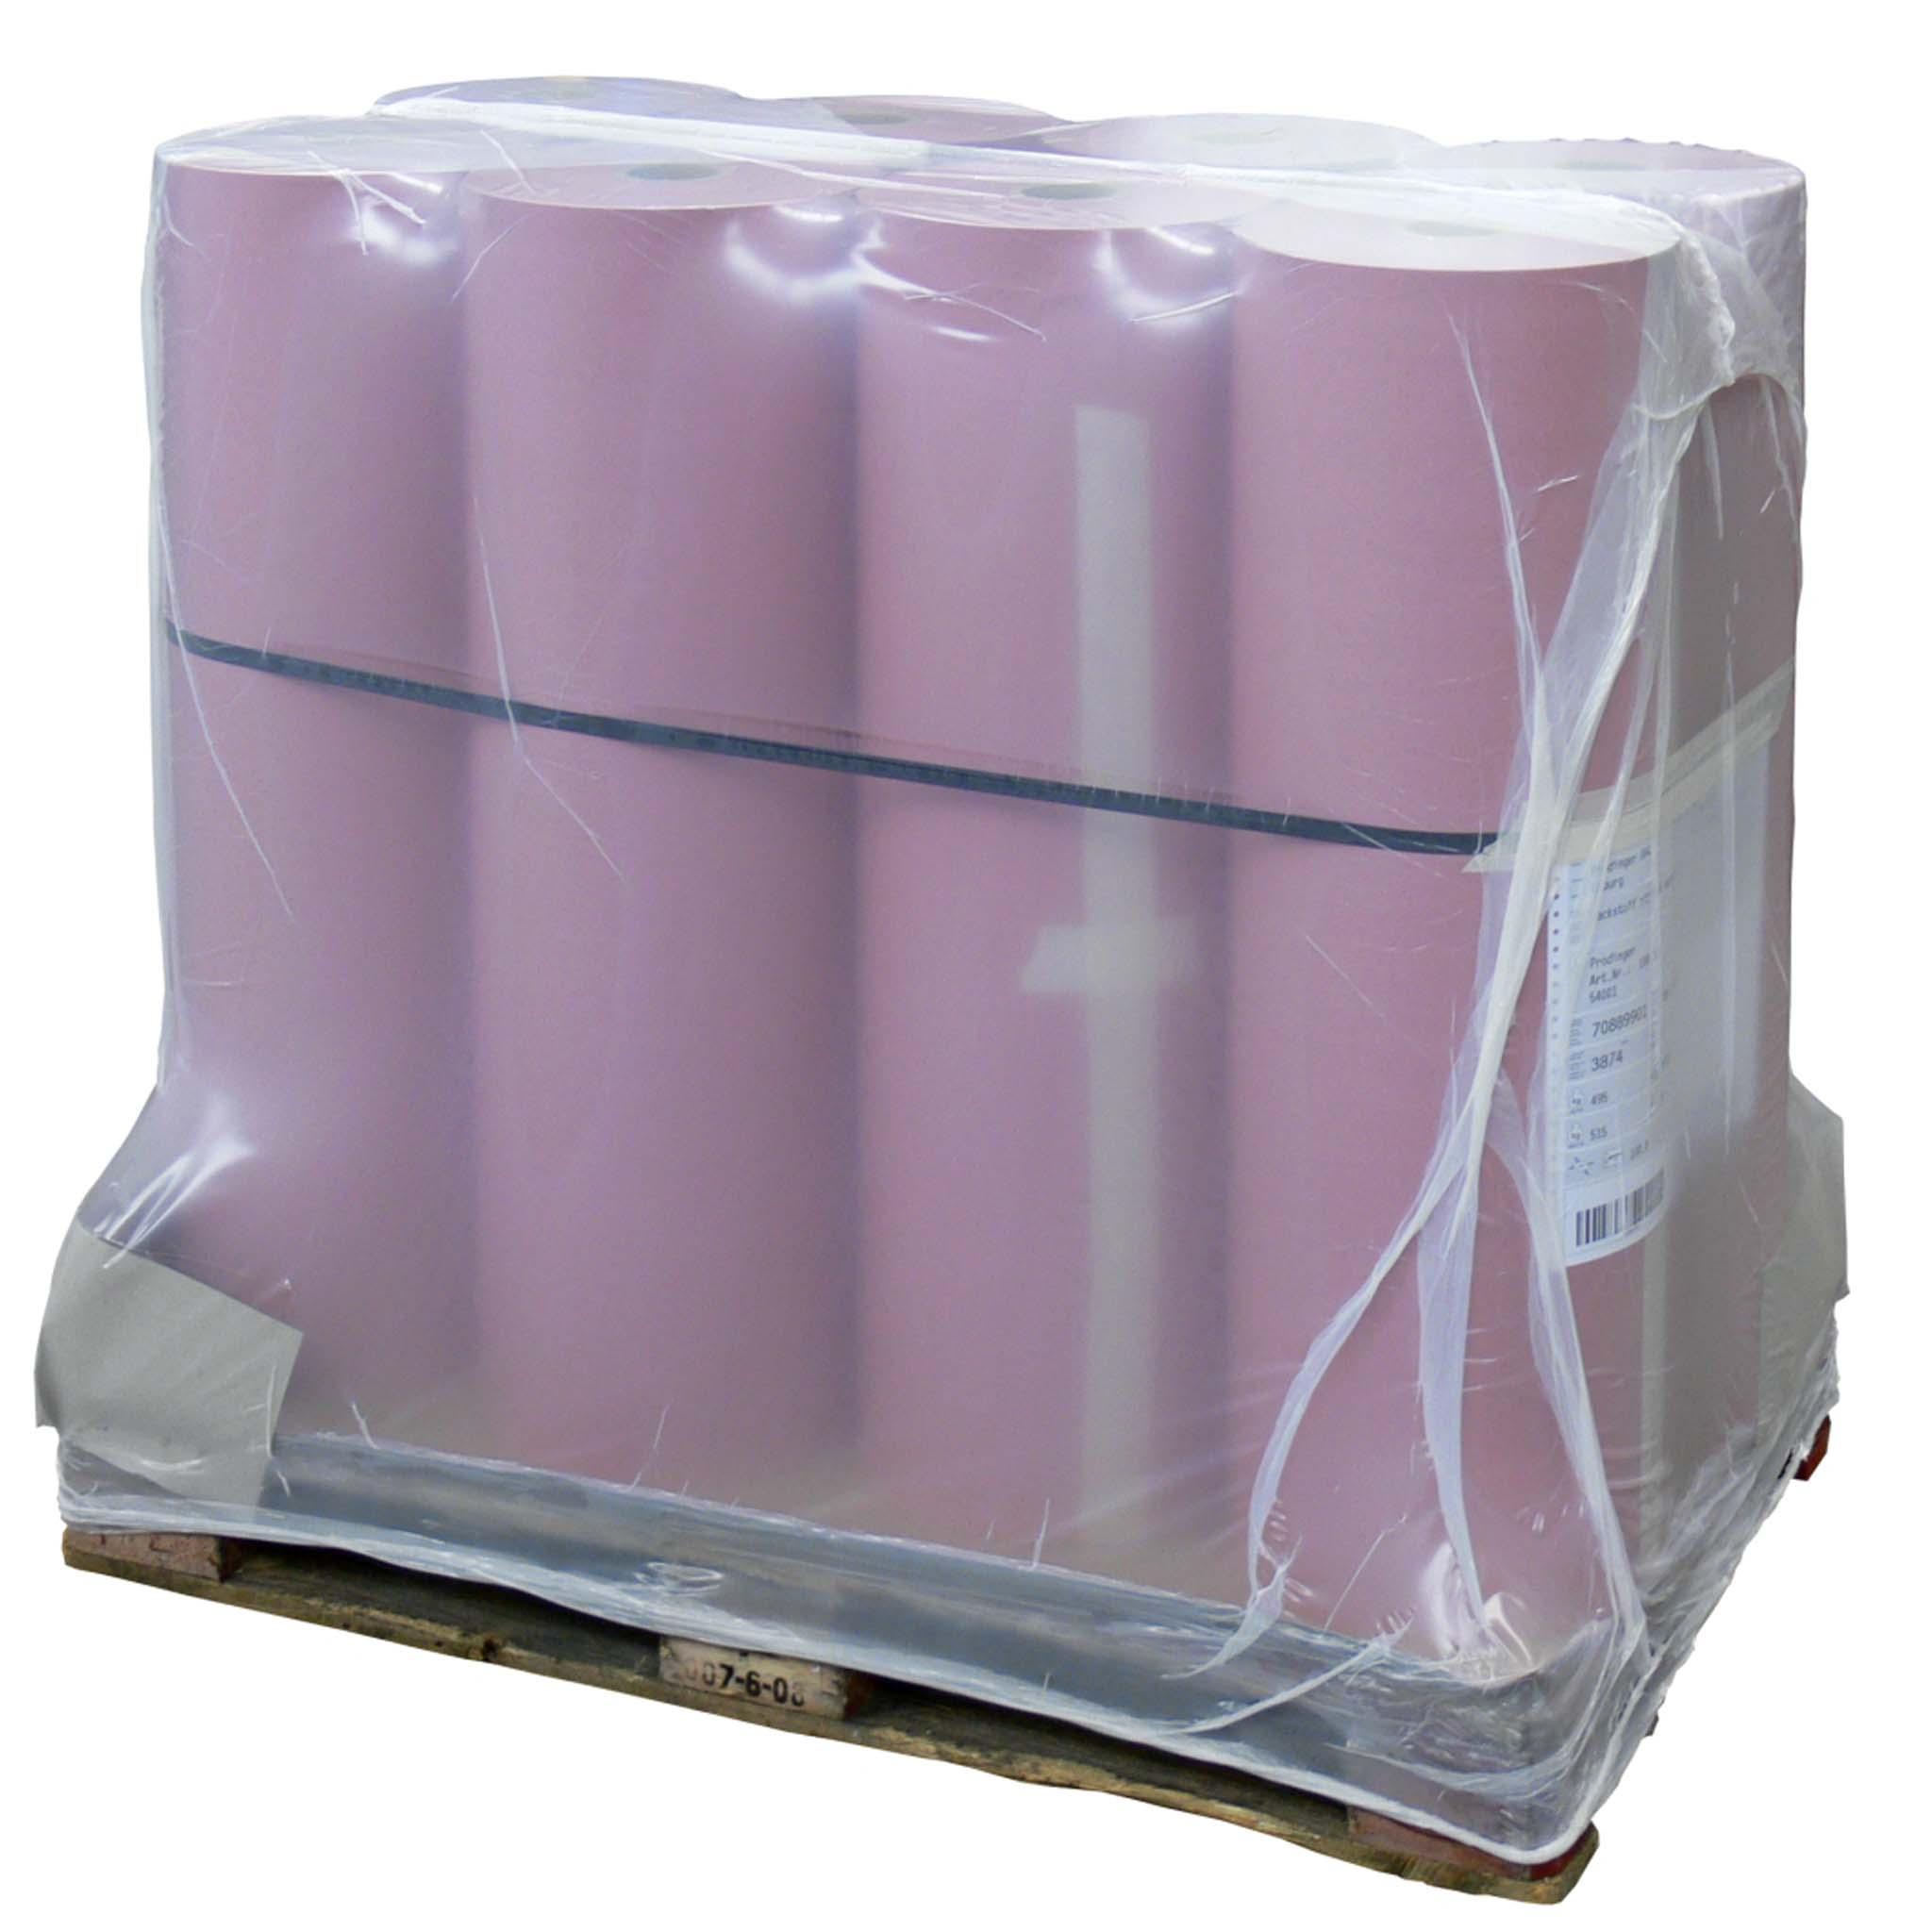 LDPE-Schrumpfhauben Größe 1.250 + 850 x 2.300 mm